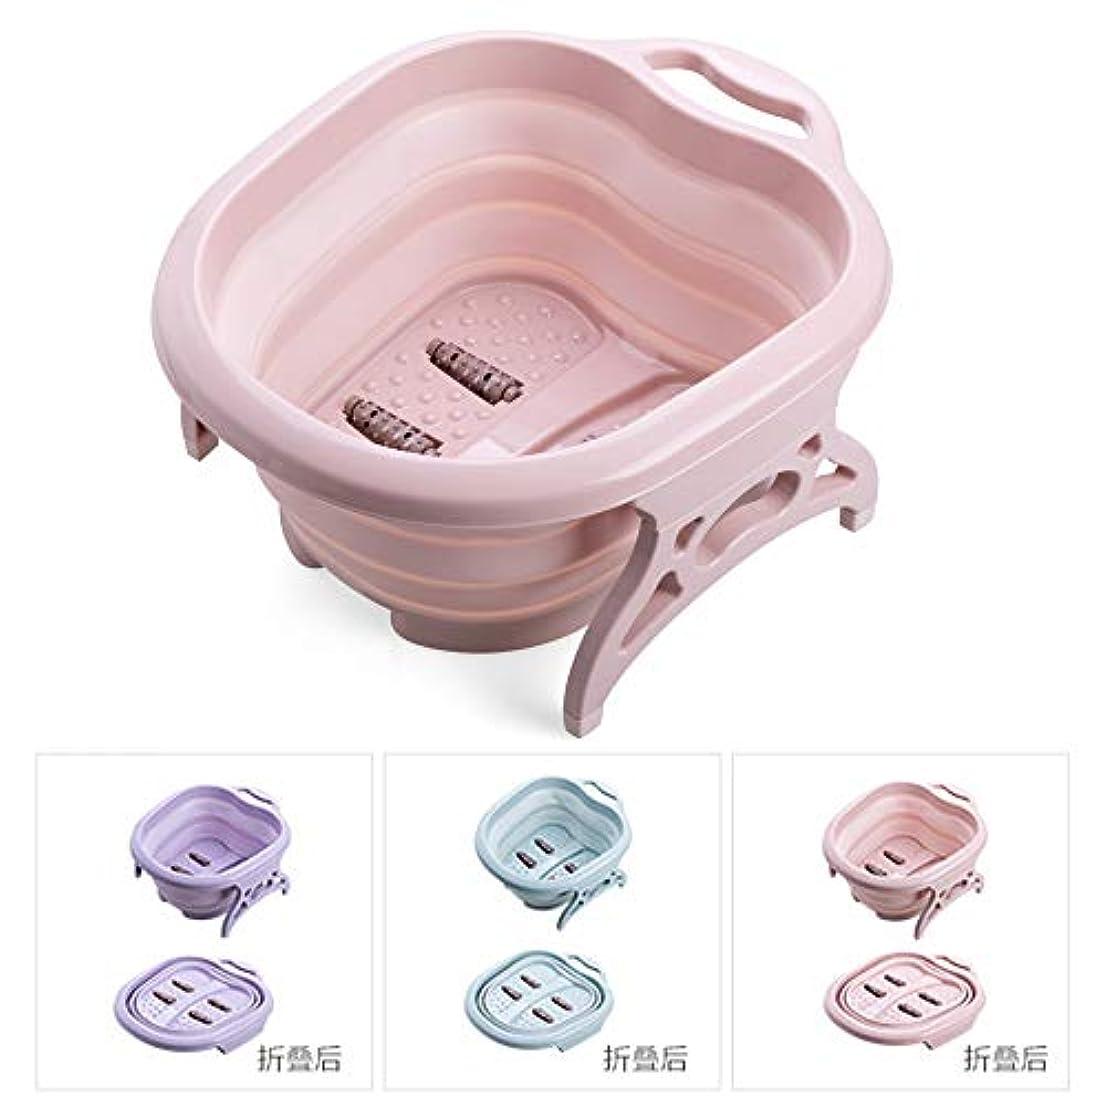 ワークショップ減るオーケストラ[Shinepine] 足湯 折りたたみ バブルフットバス マッサージ 折り畳み可 足浴器 足の冷え対策 持ち運び楽々 ピンク(Pink)